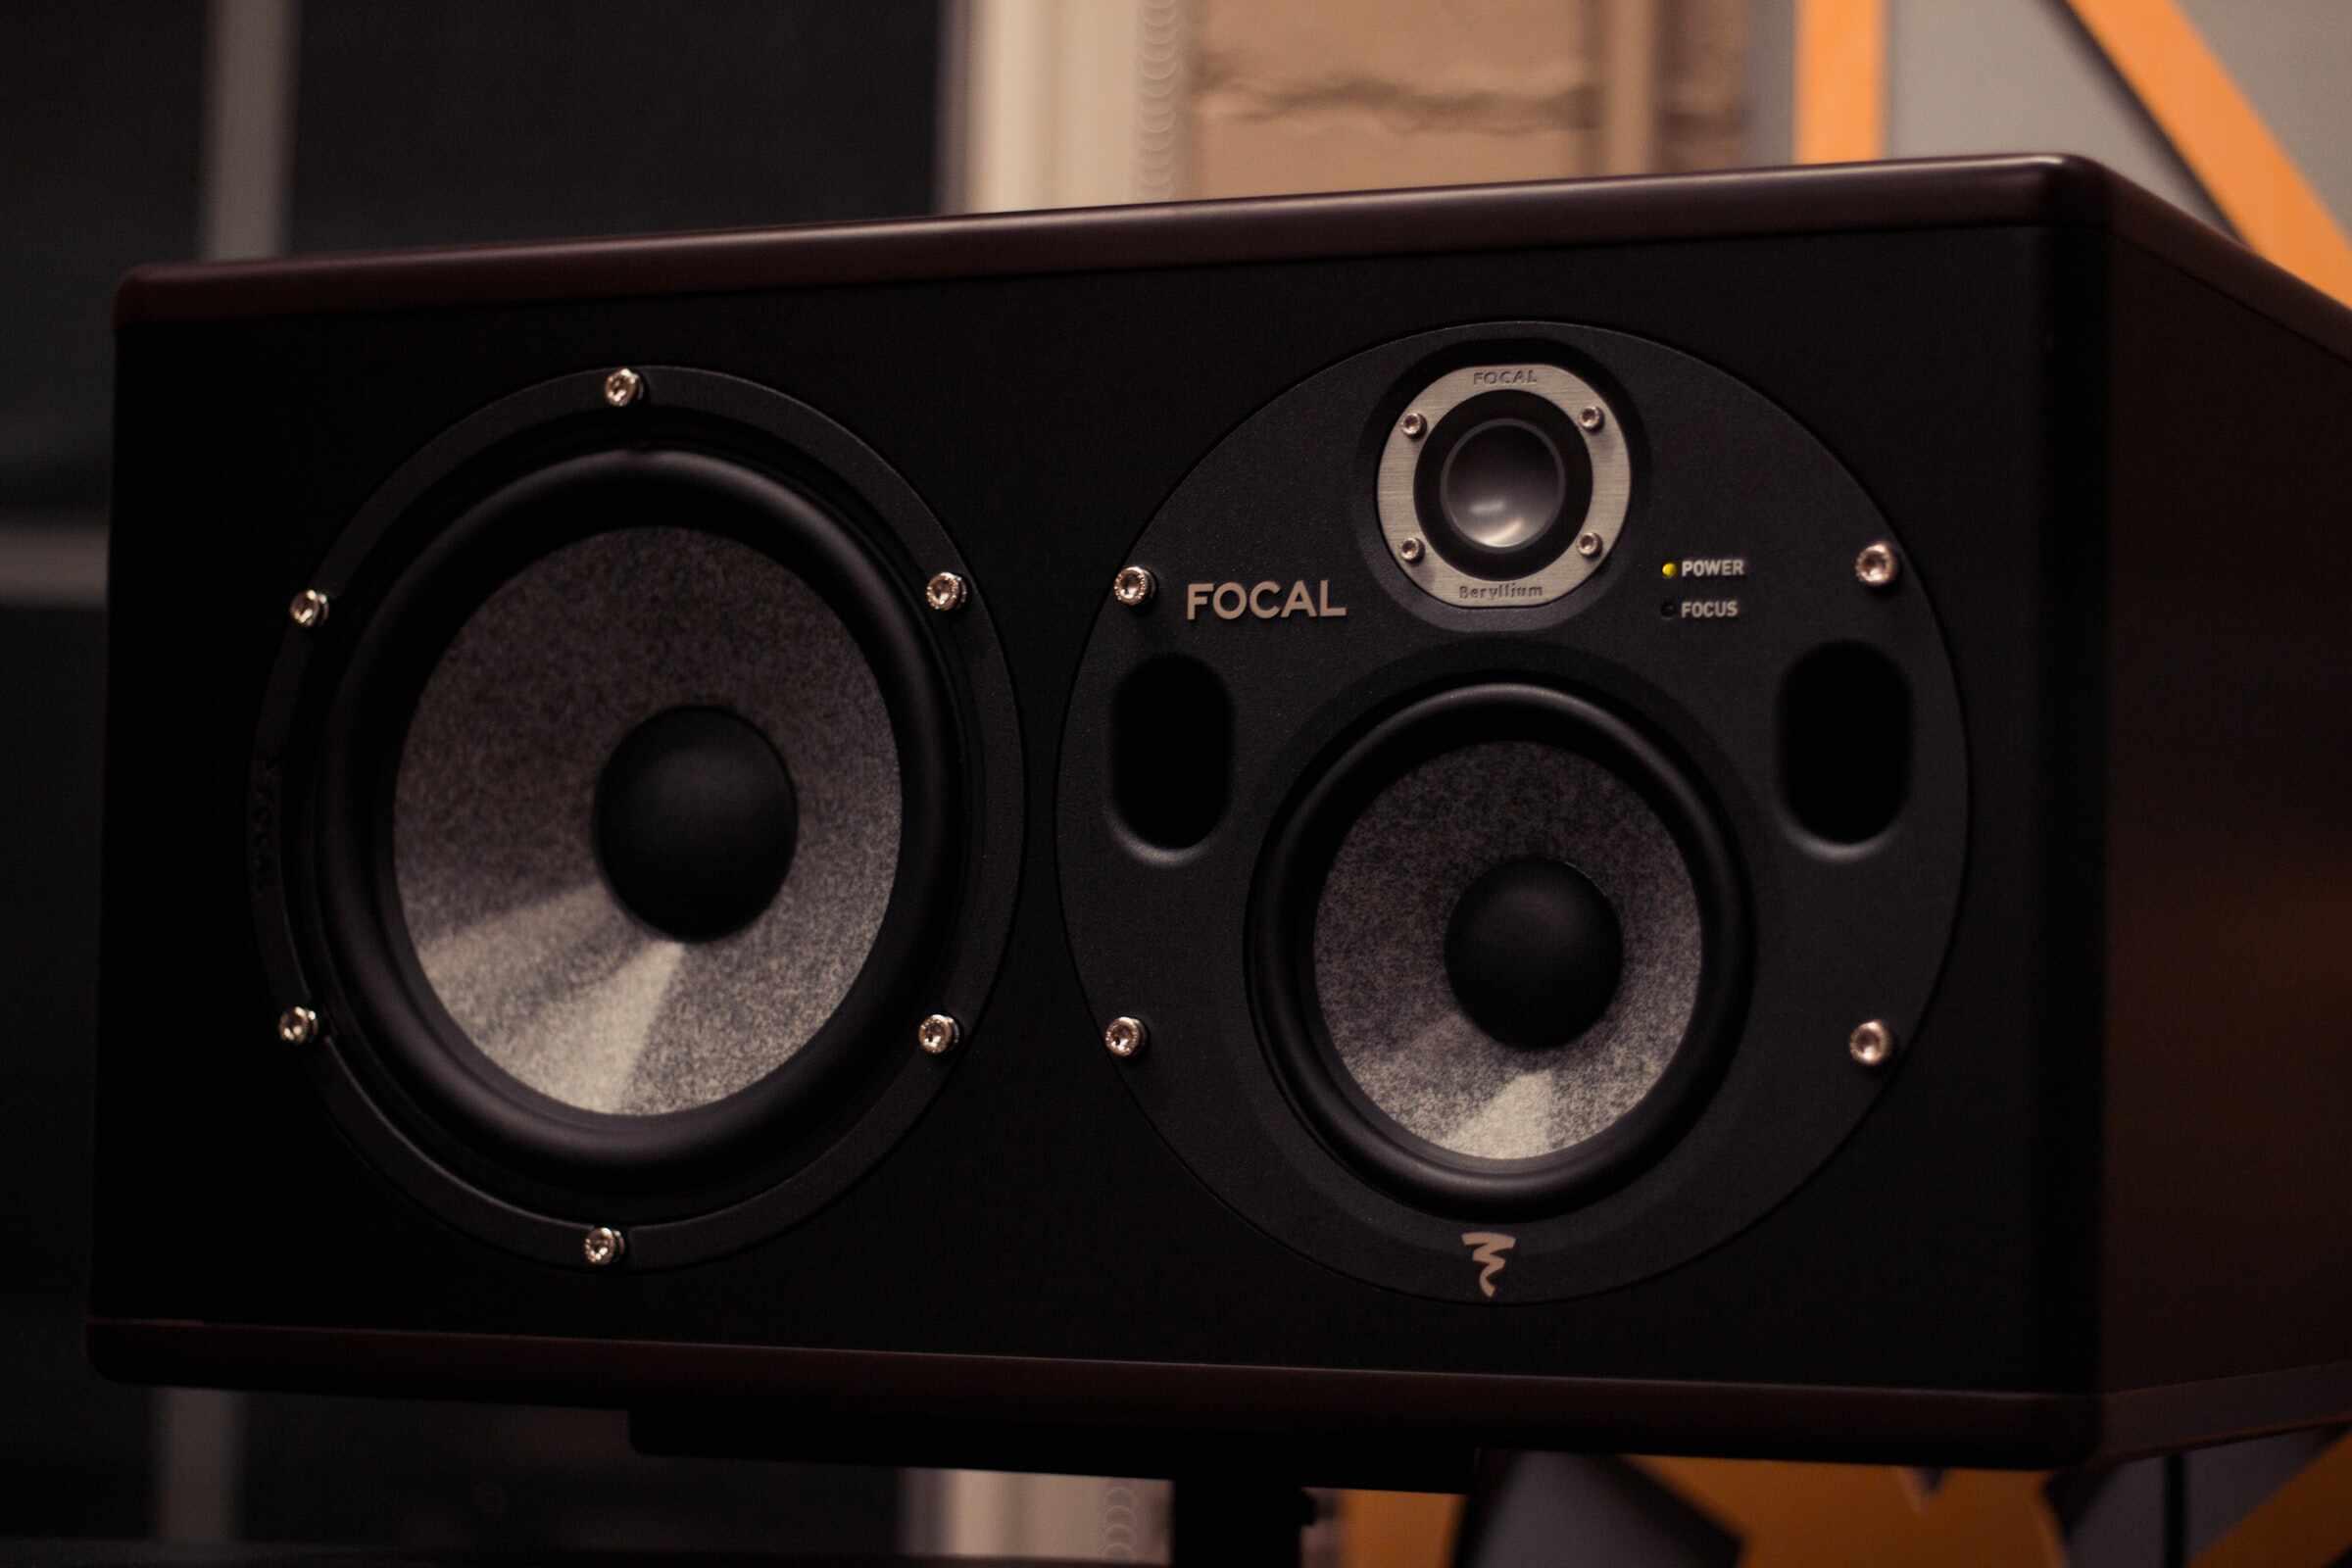 studio boriversmusic